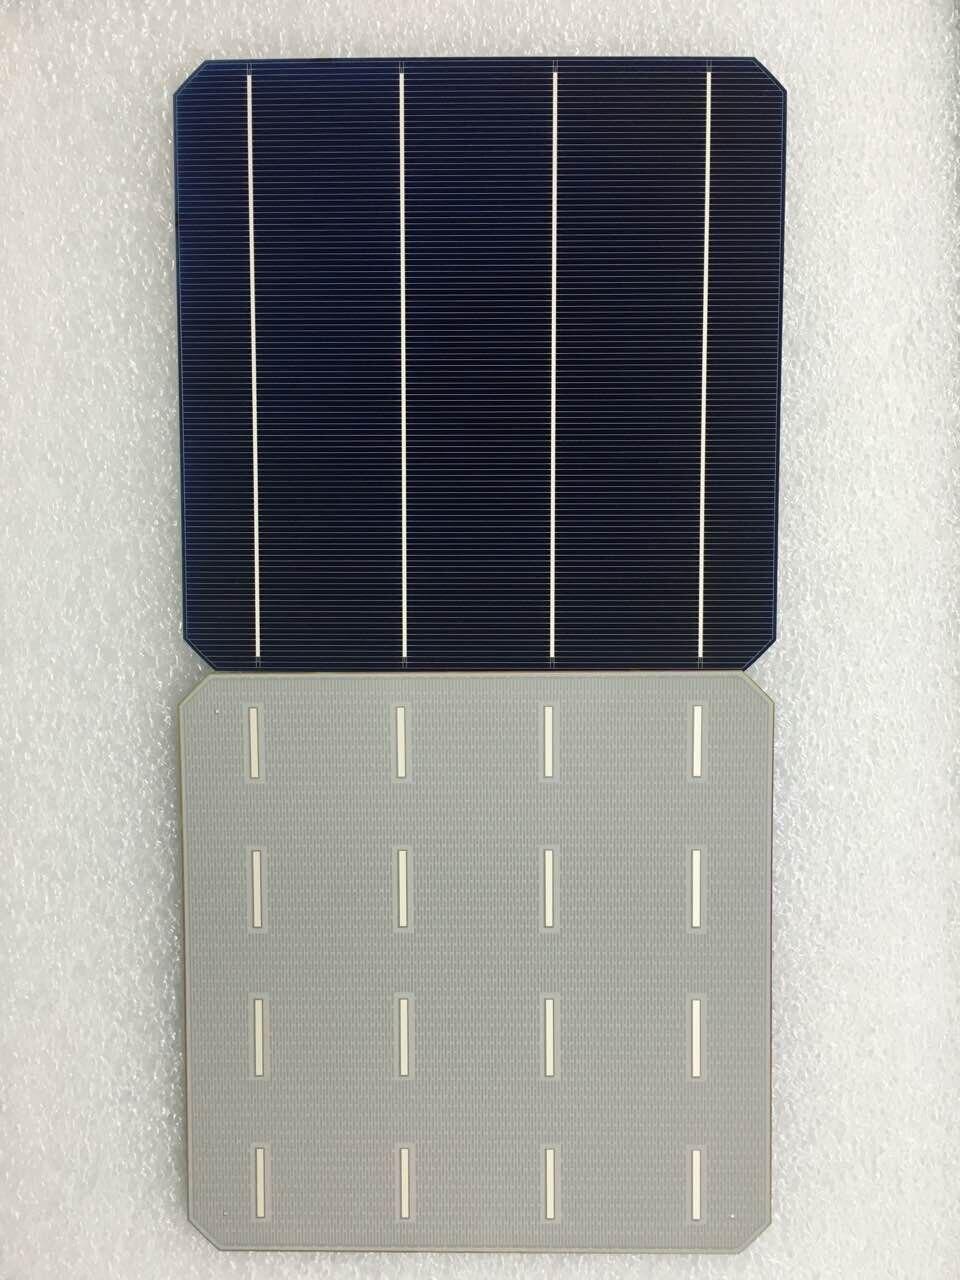 100 Stücke 5,03 Watt 20.6% Effciency Grade A 156*156 MM Photovoltaik Mono Monokristalline Silizium solarzellen 6x6 Für Solar Panel-in Solarzellen aus Verbraucherelektronik bei  Gruppe 1